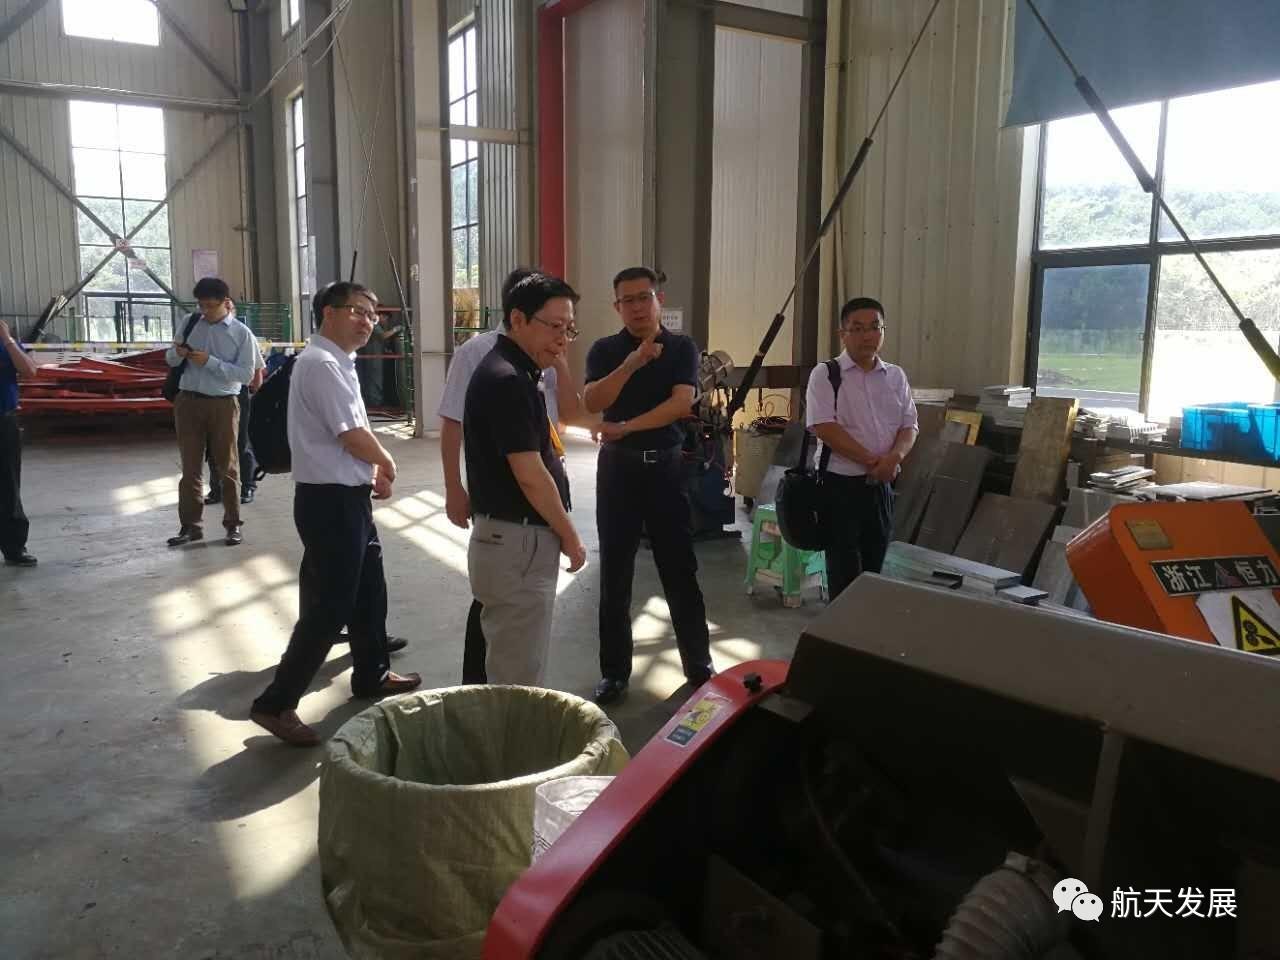 宋欣副总经理一行赴南京长峰检查工作,并会见南京市委图片